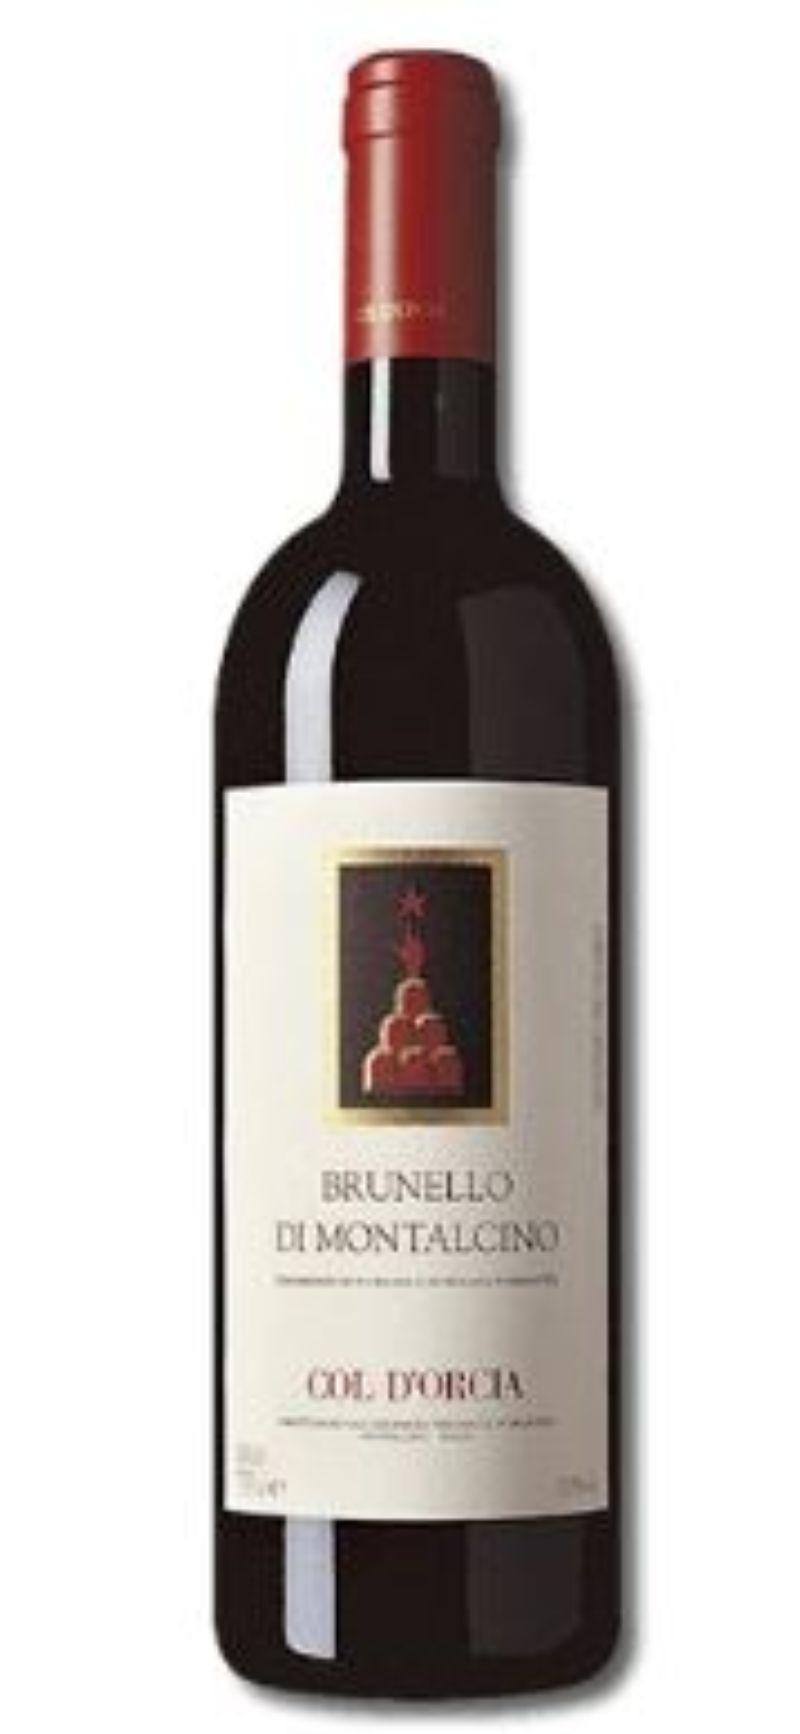 BRUNELLO-DI-MONTALCINO-COL-D'ORCIA-1997